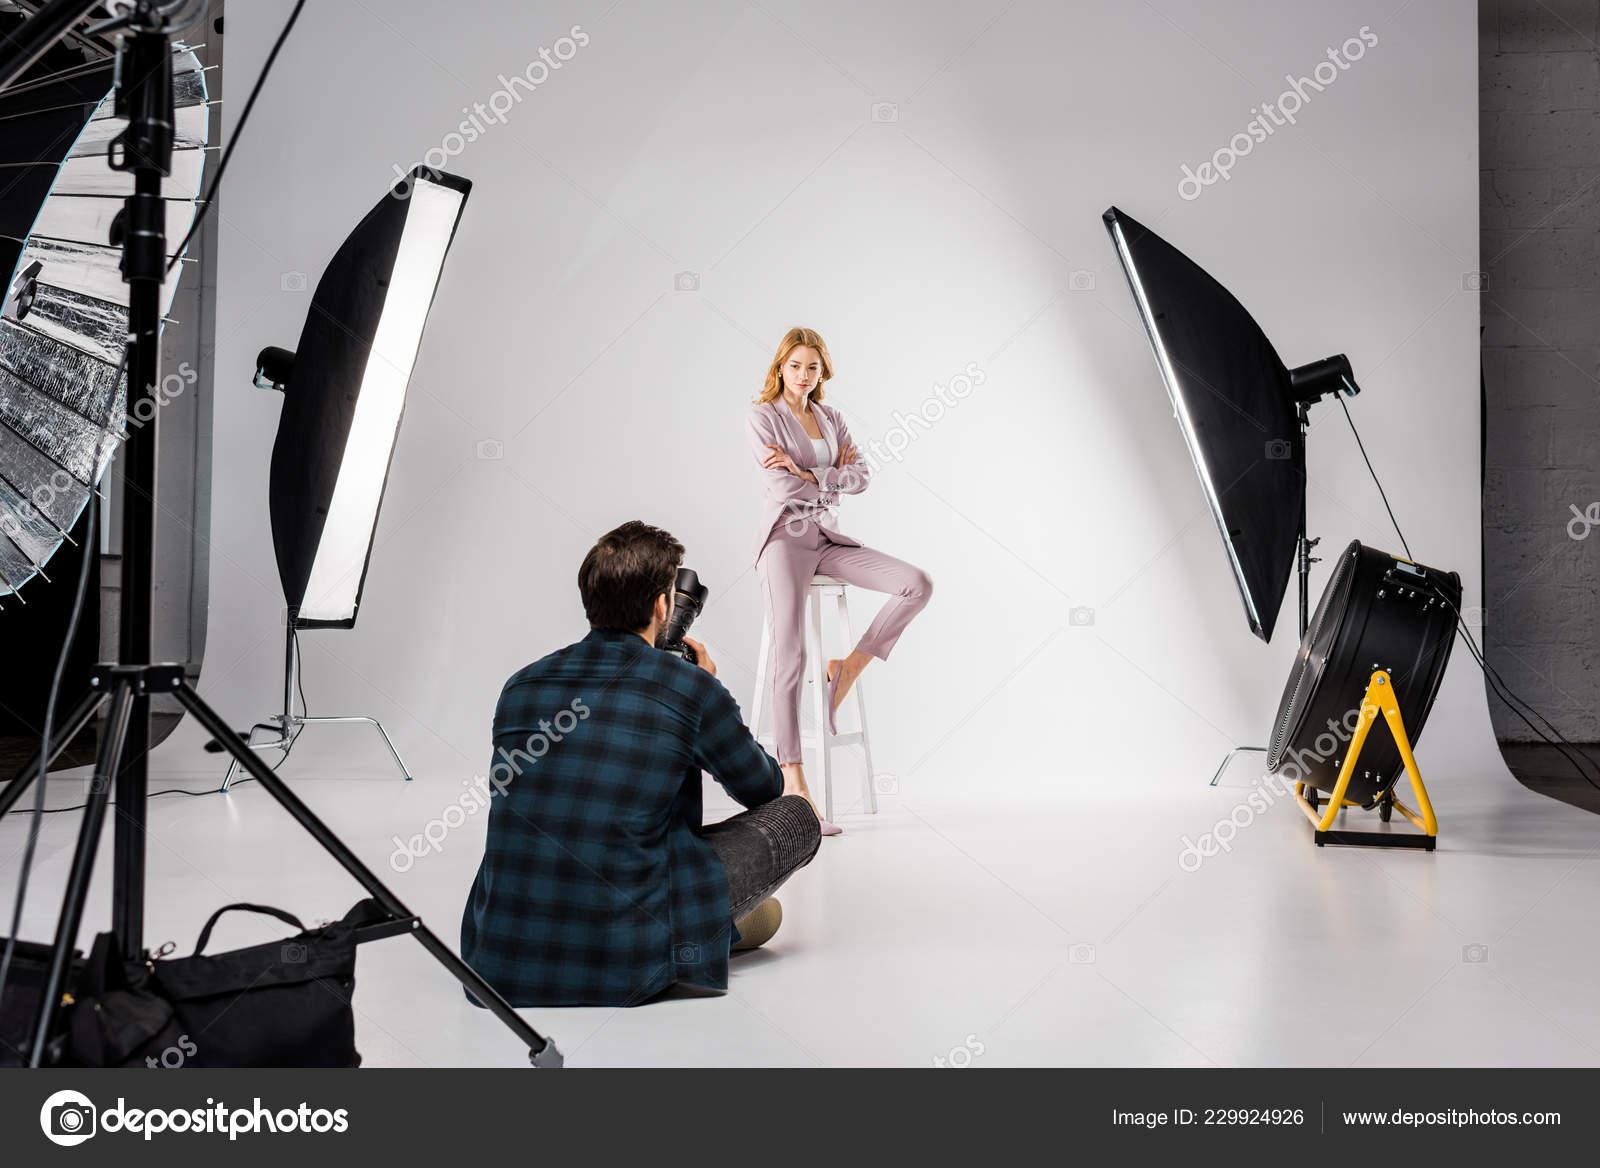 d300b7dac Volta Visão Jovem Fotógrafo Fotografar Lindo Modelo Feminino Estúdio —  Fotografia de Stock